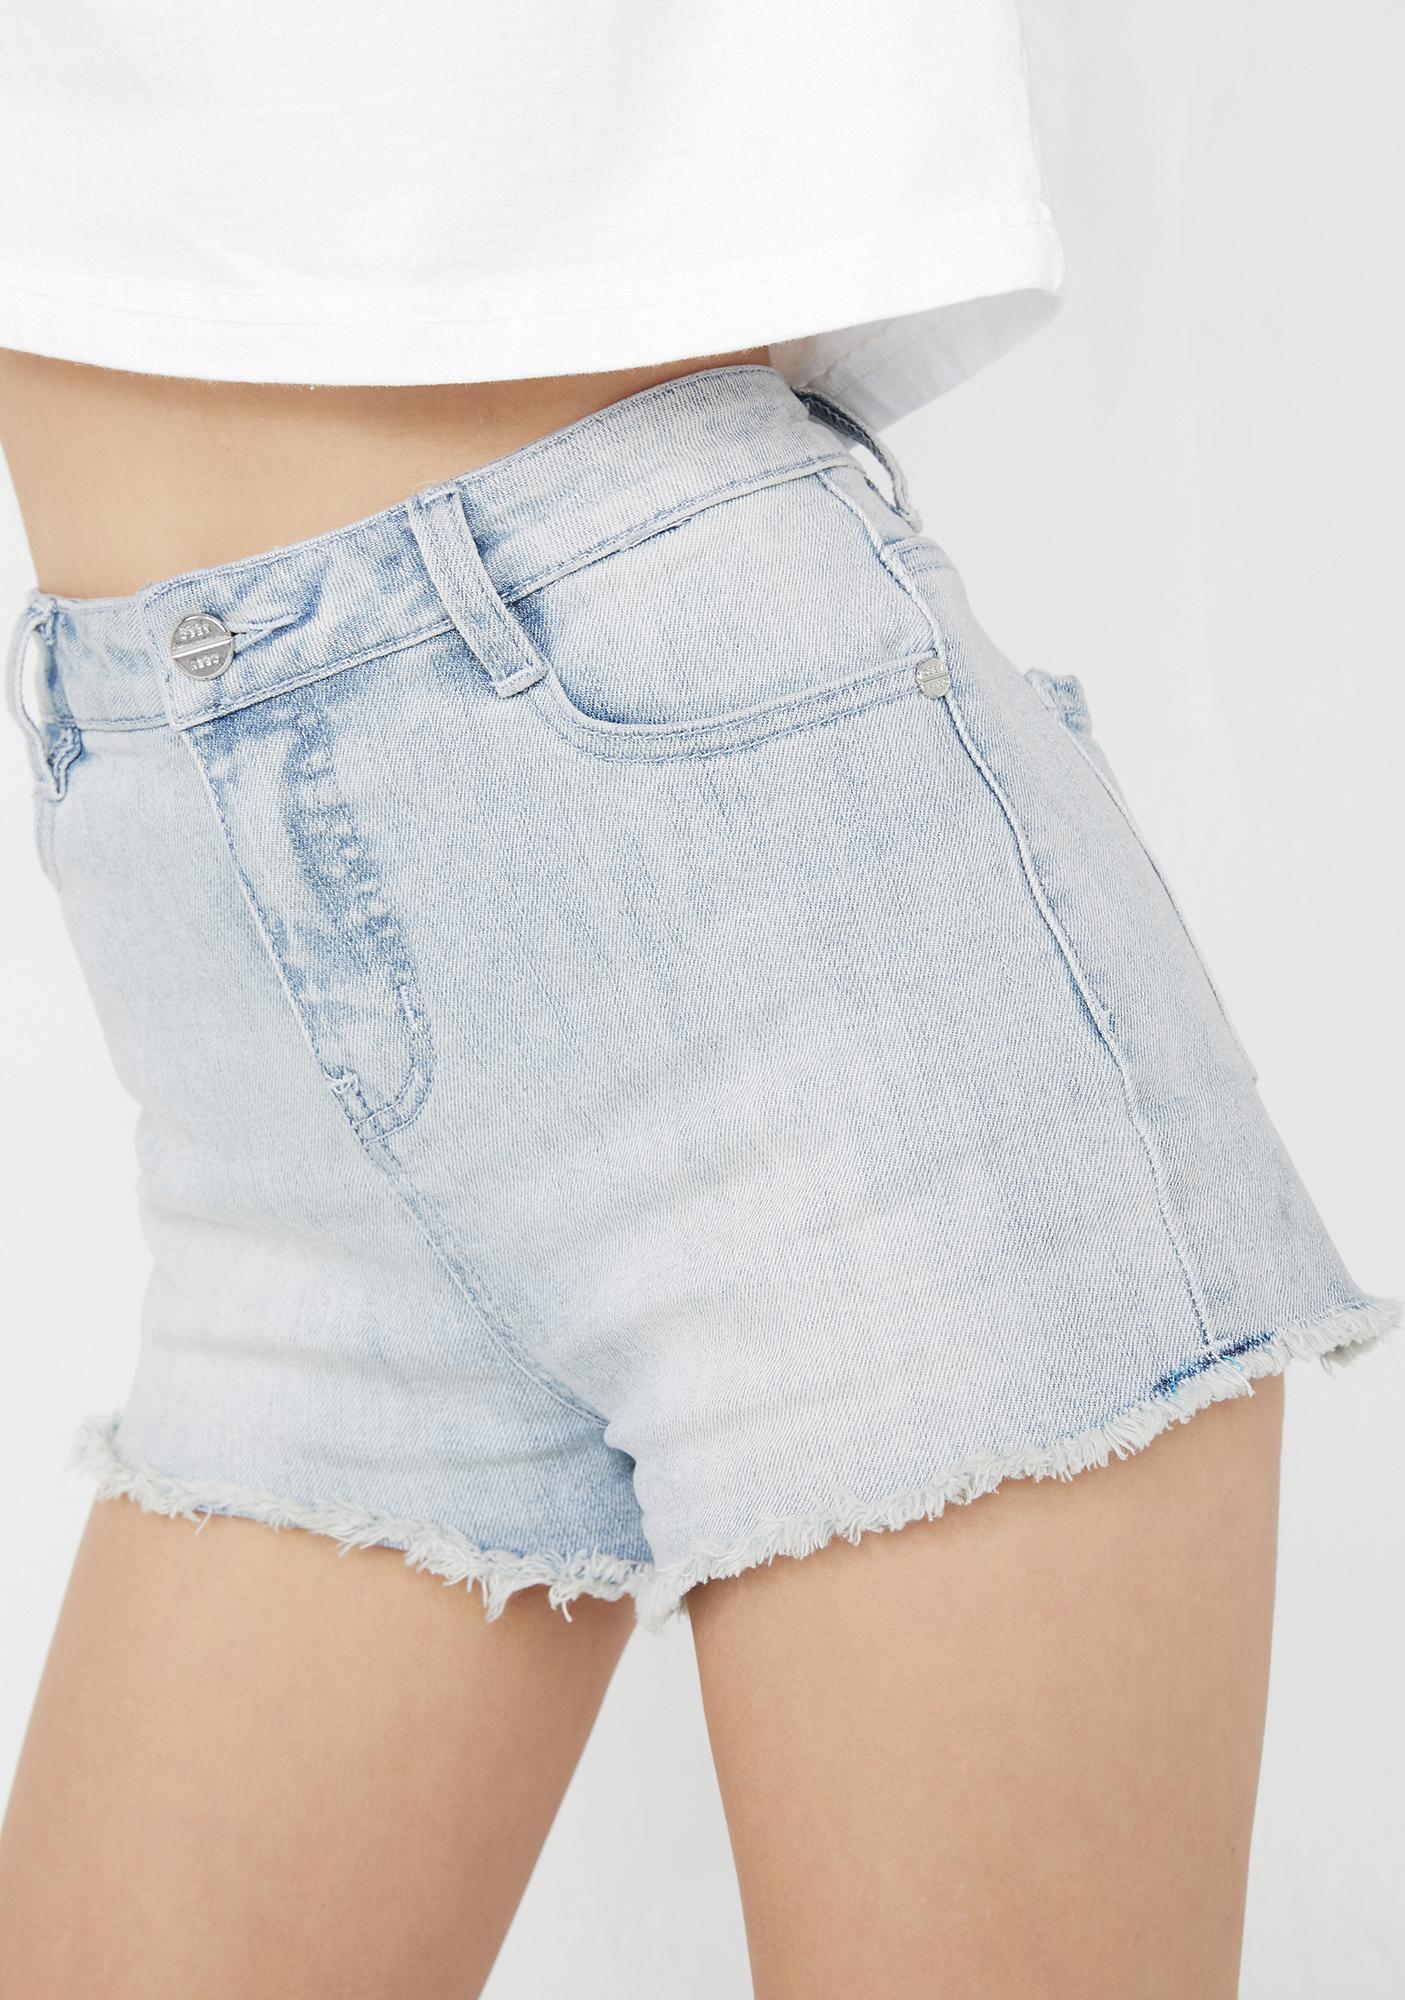 Obey Slasher Shorts